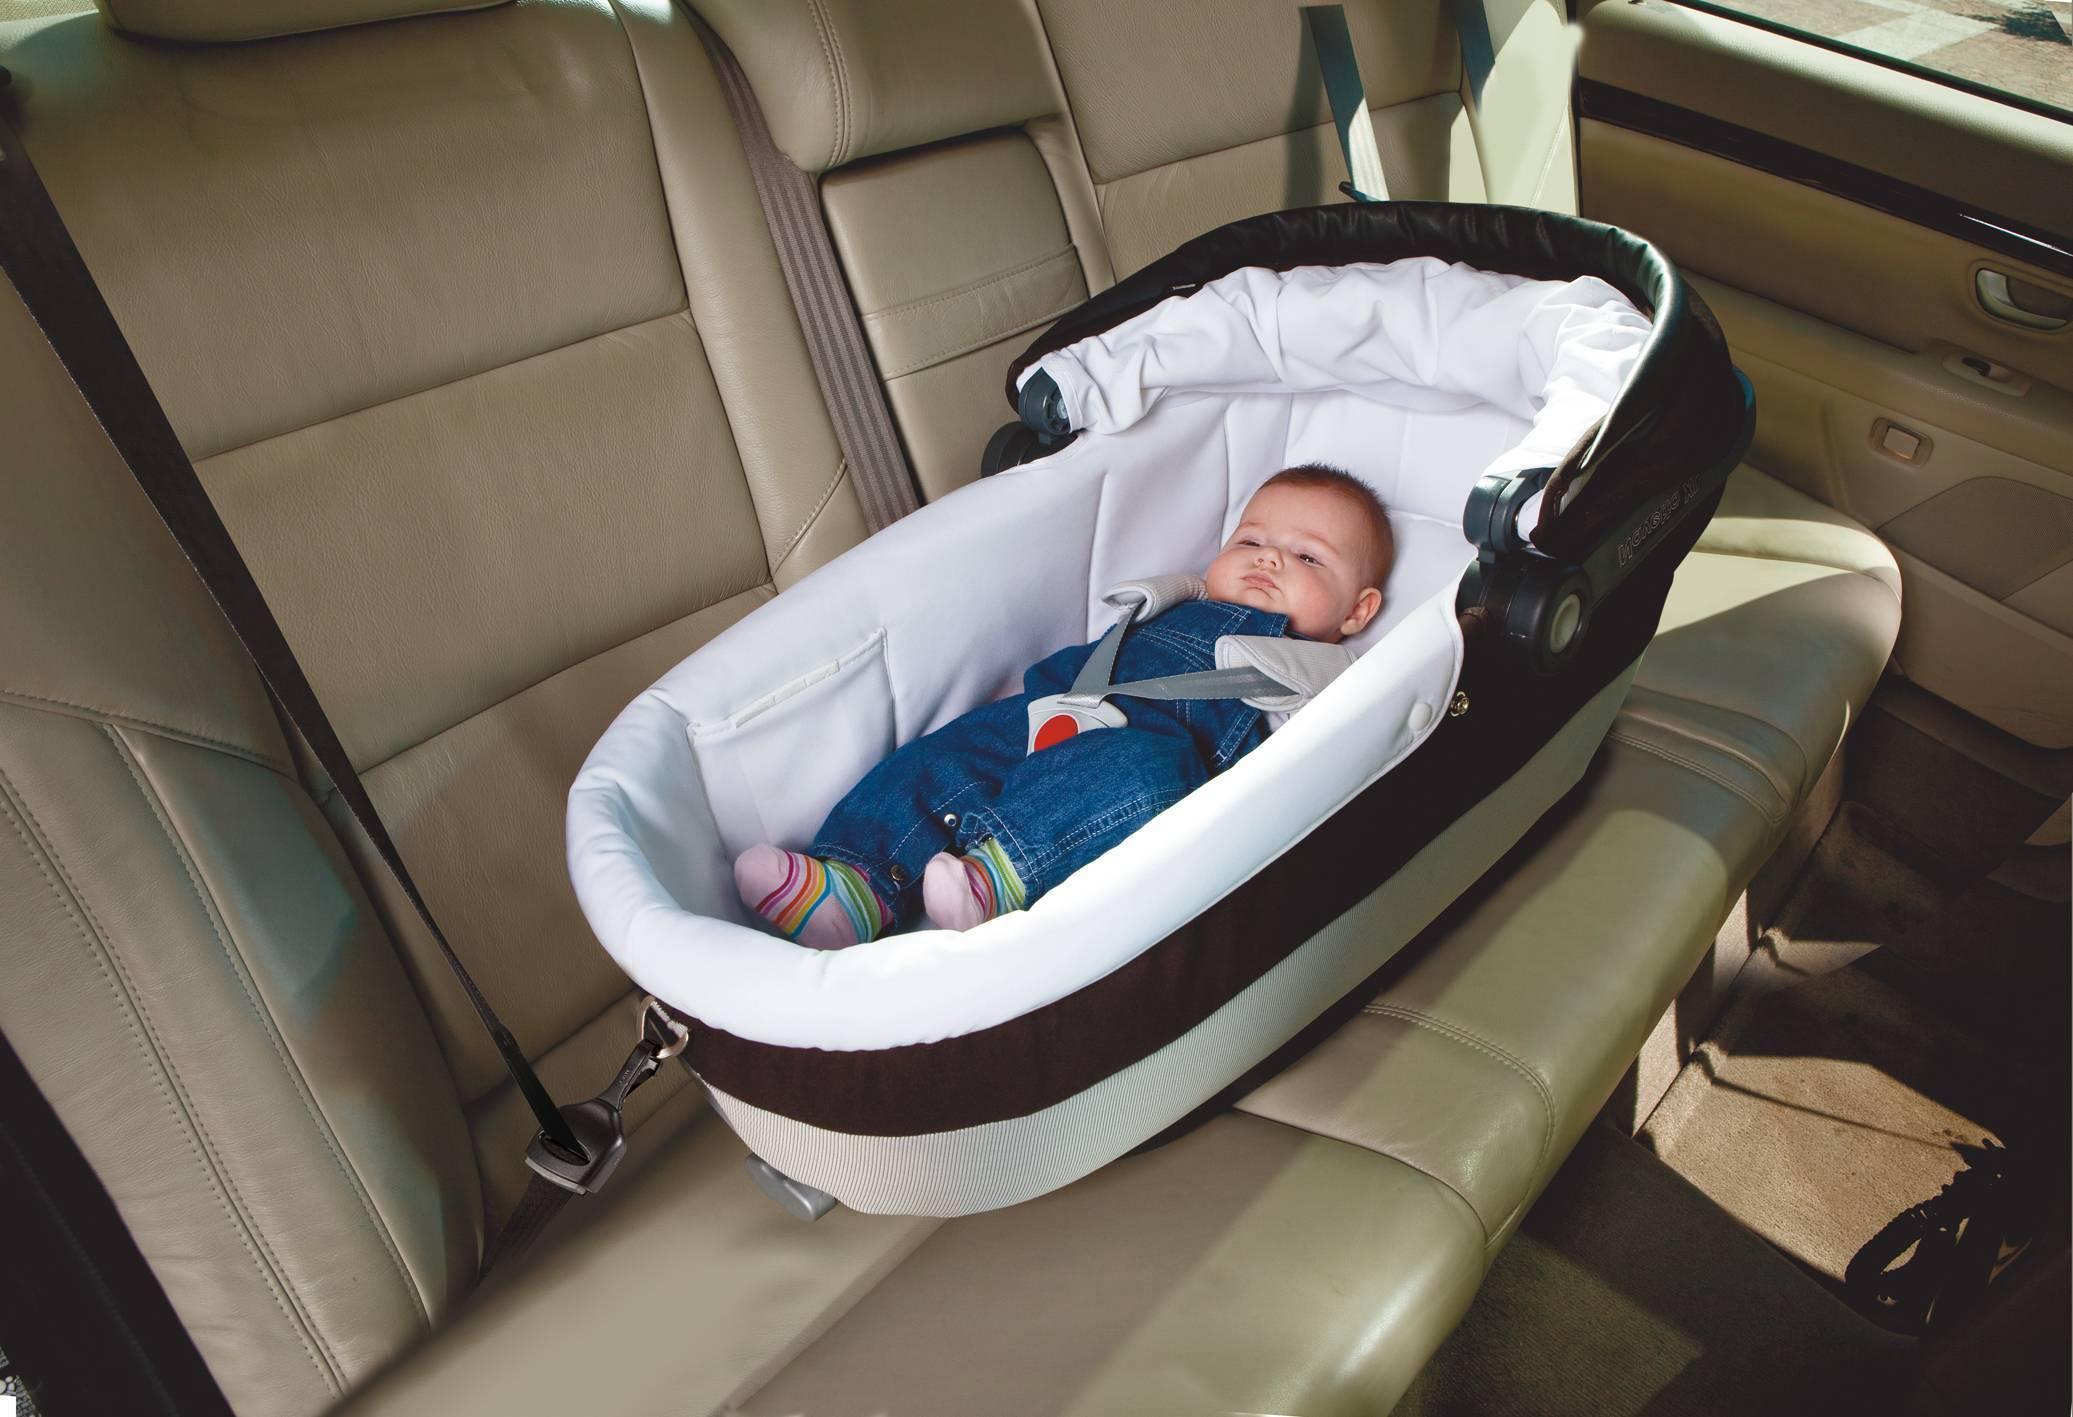 Автолюлька для новорожденных в машину: фото кресла, переноски - что лучше, до какого возраста? | покупки | vpolozhenii.com